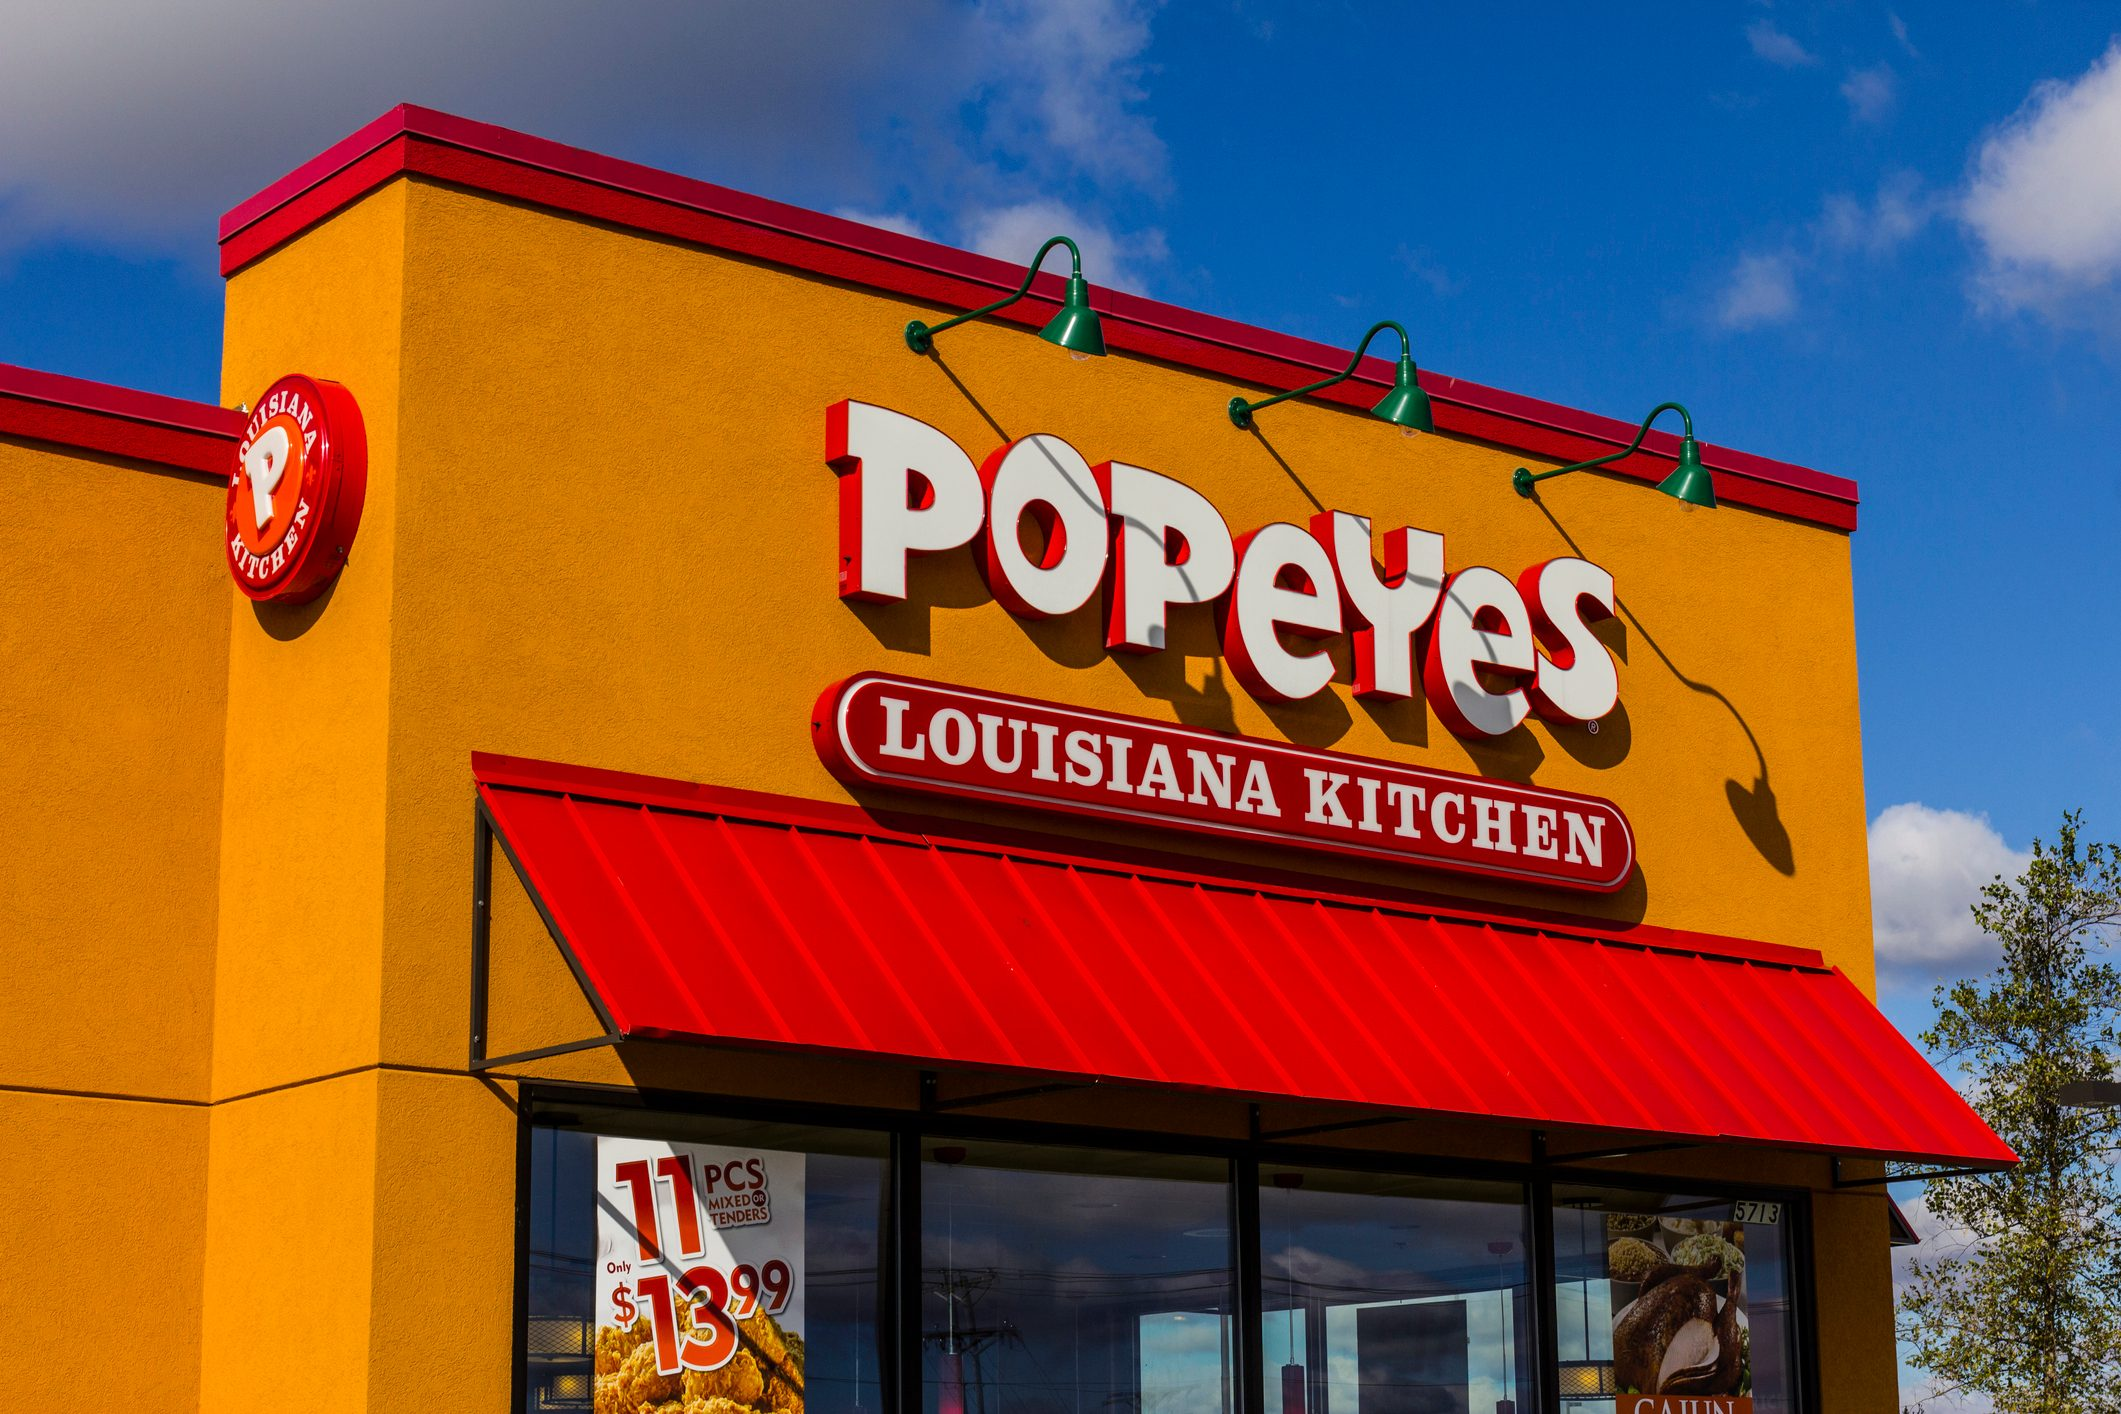 Popeyes Louisiana Kitchen Fast Food Restaurant II